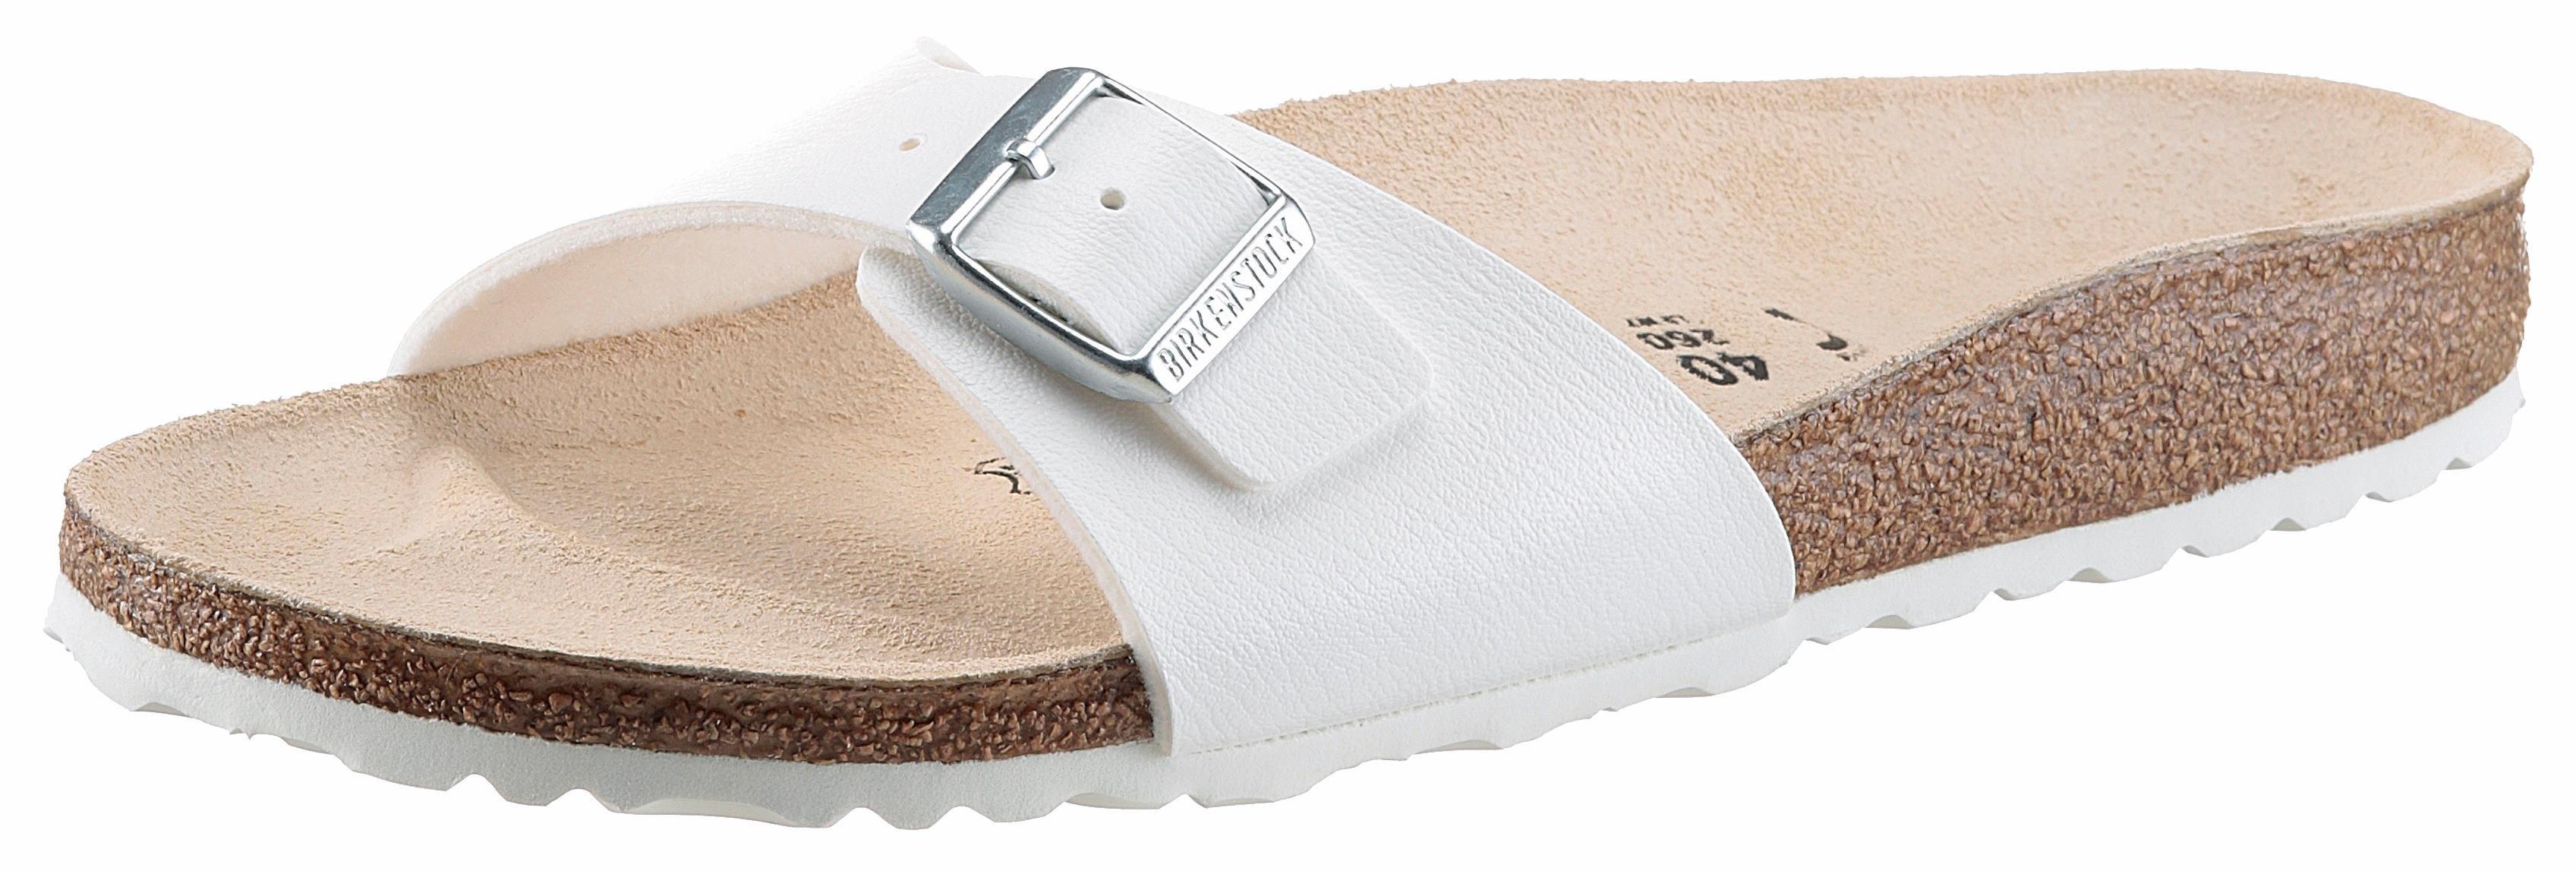 Birkenstock slippers Madrid smalle schoenwijdte, met ergonomisch gevormd voetbed online kopen op otto.nl